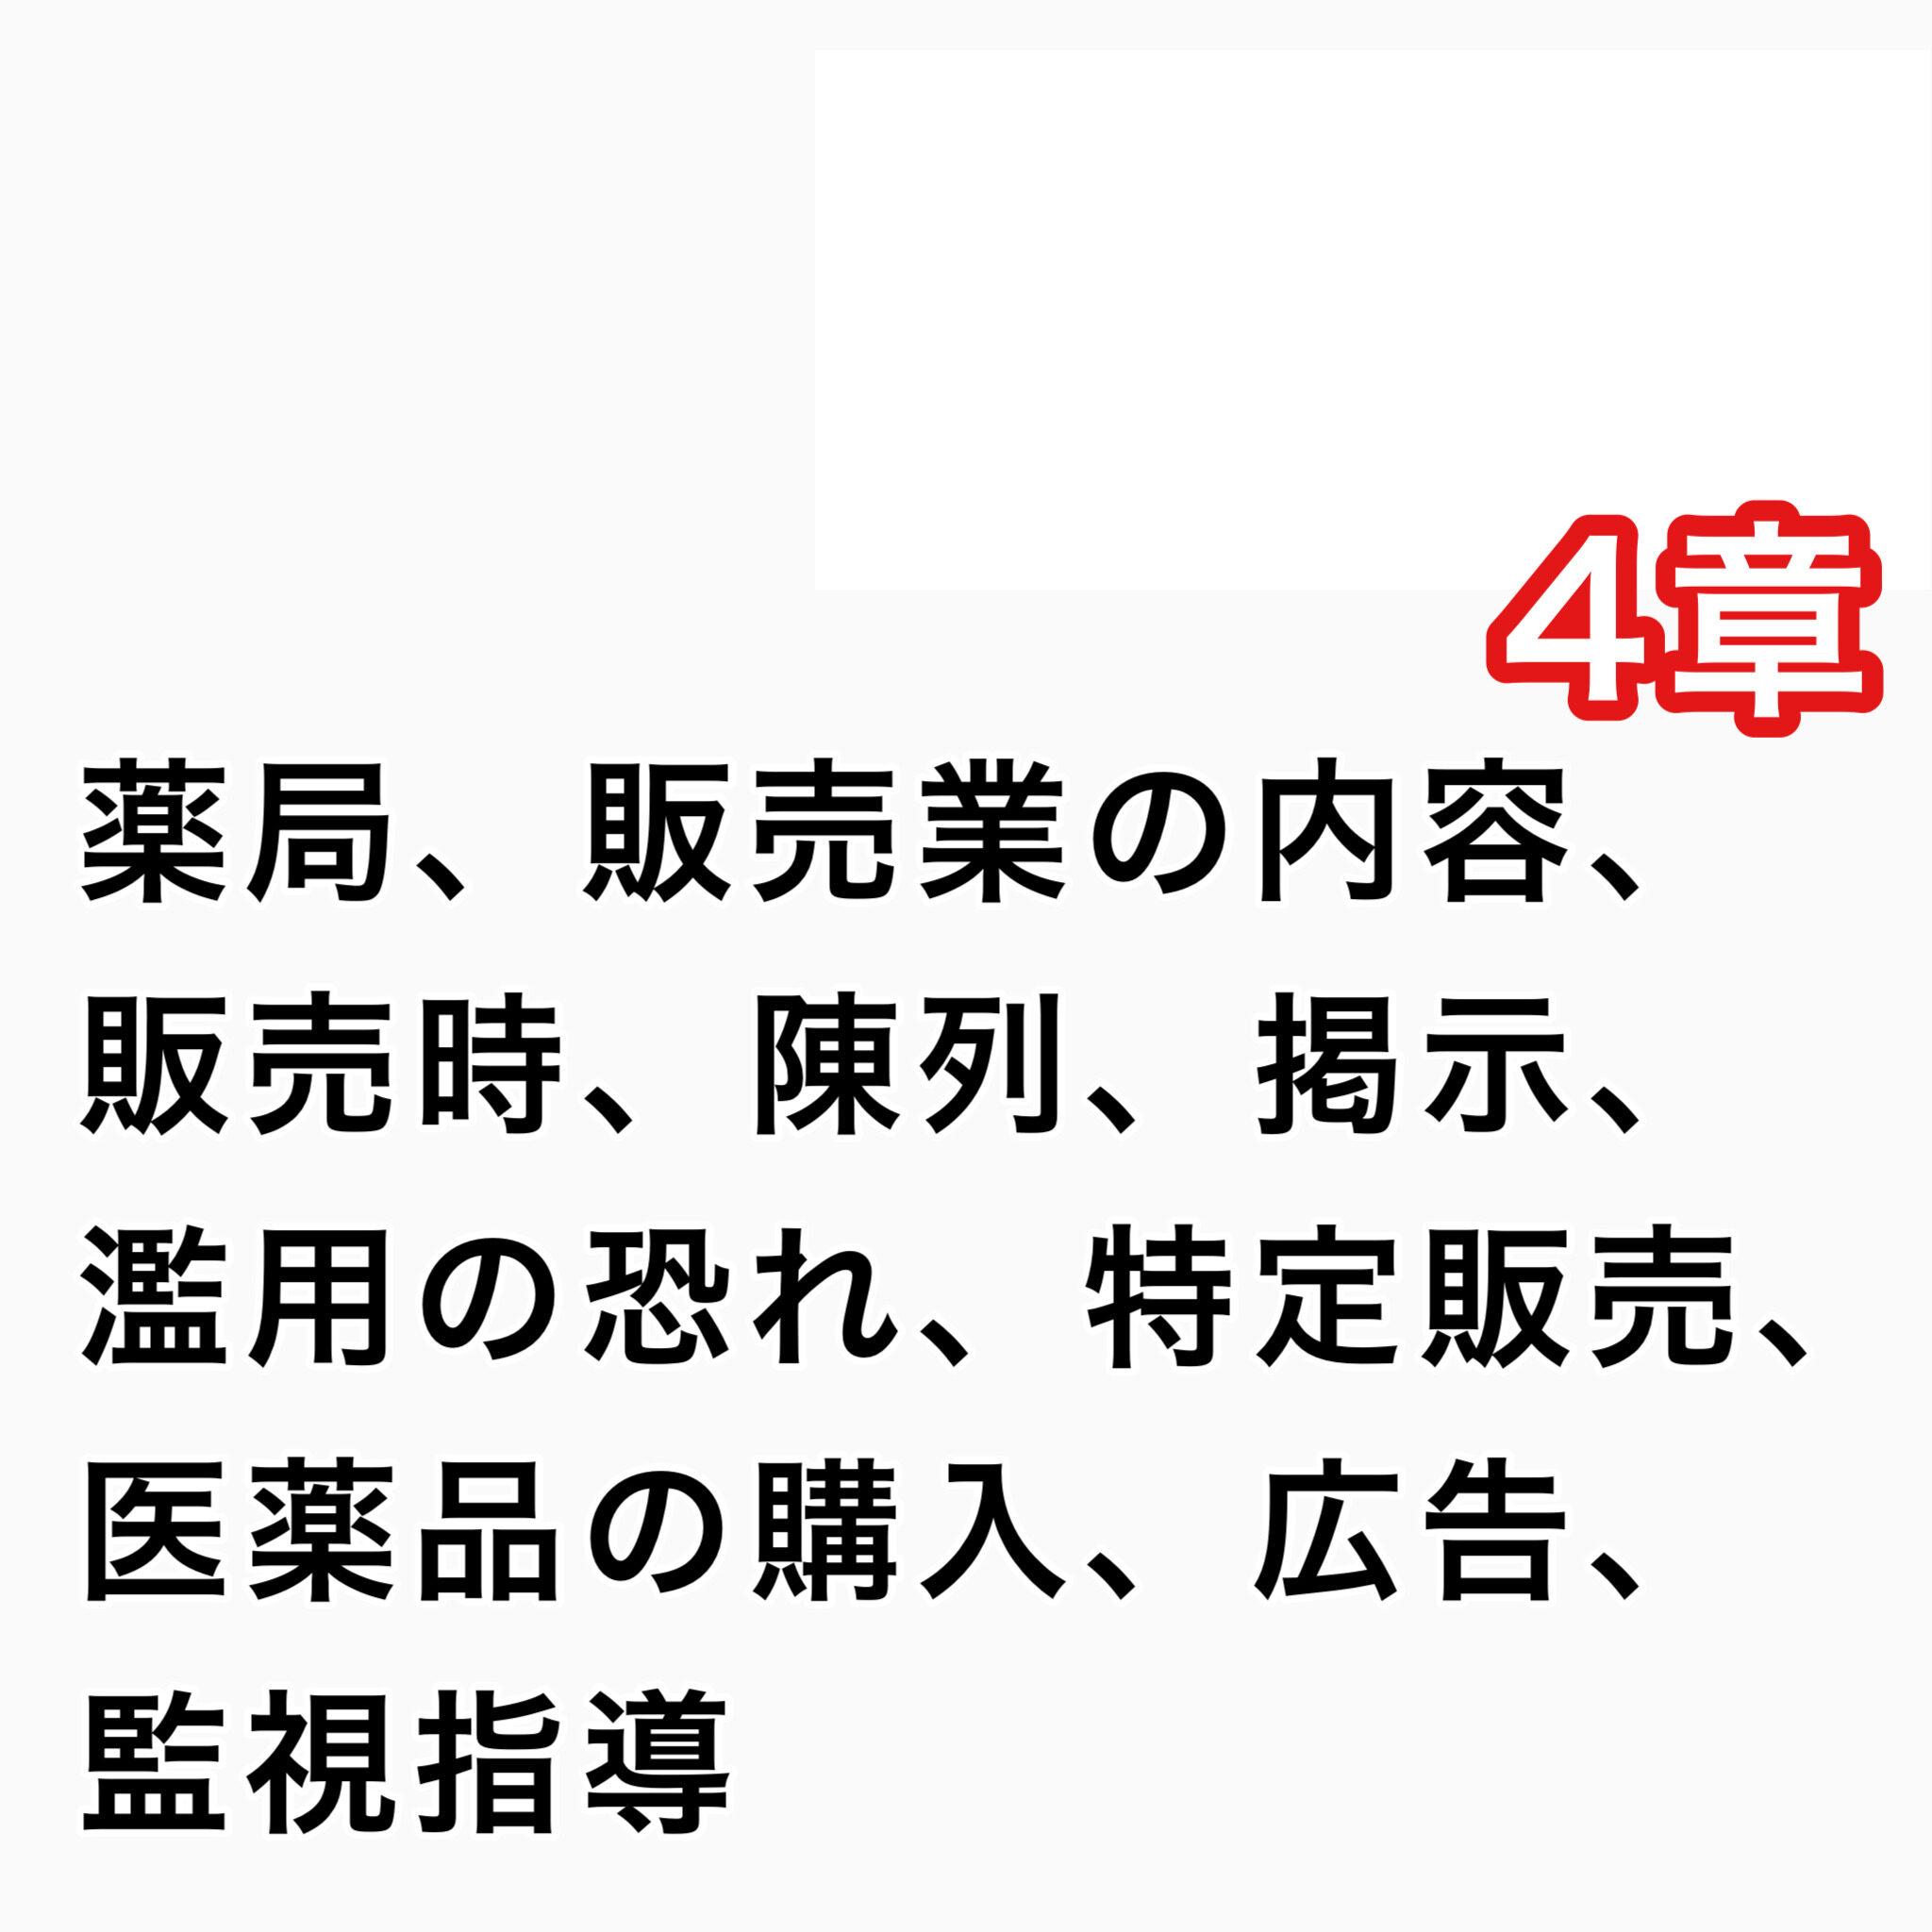 """alt=""""登録販売者4章後半"""